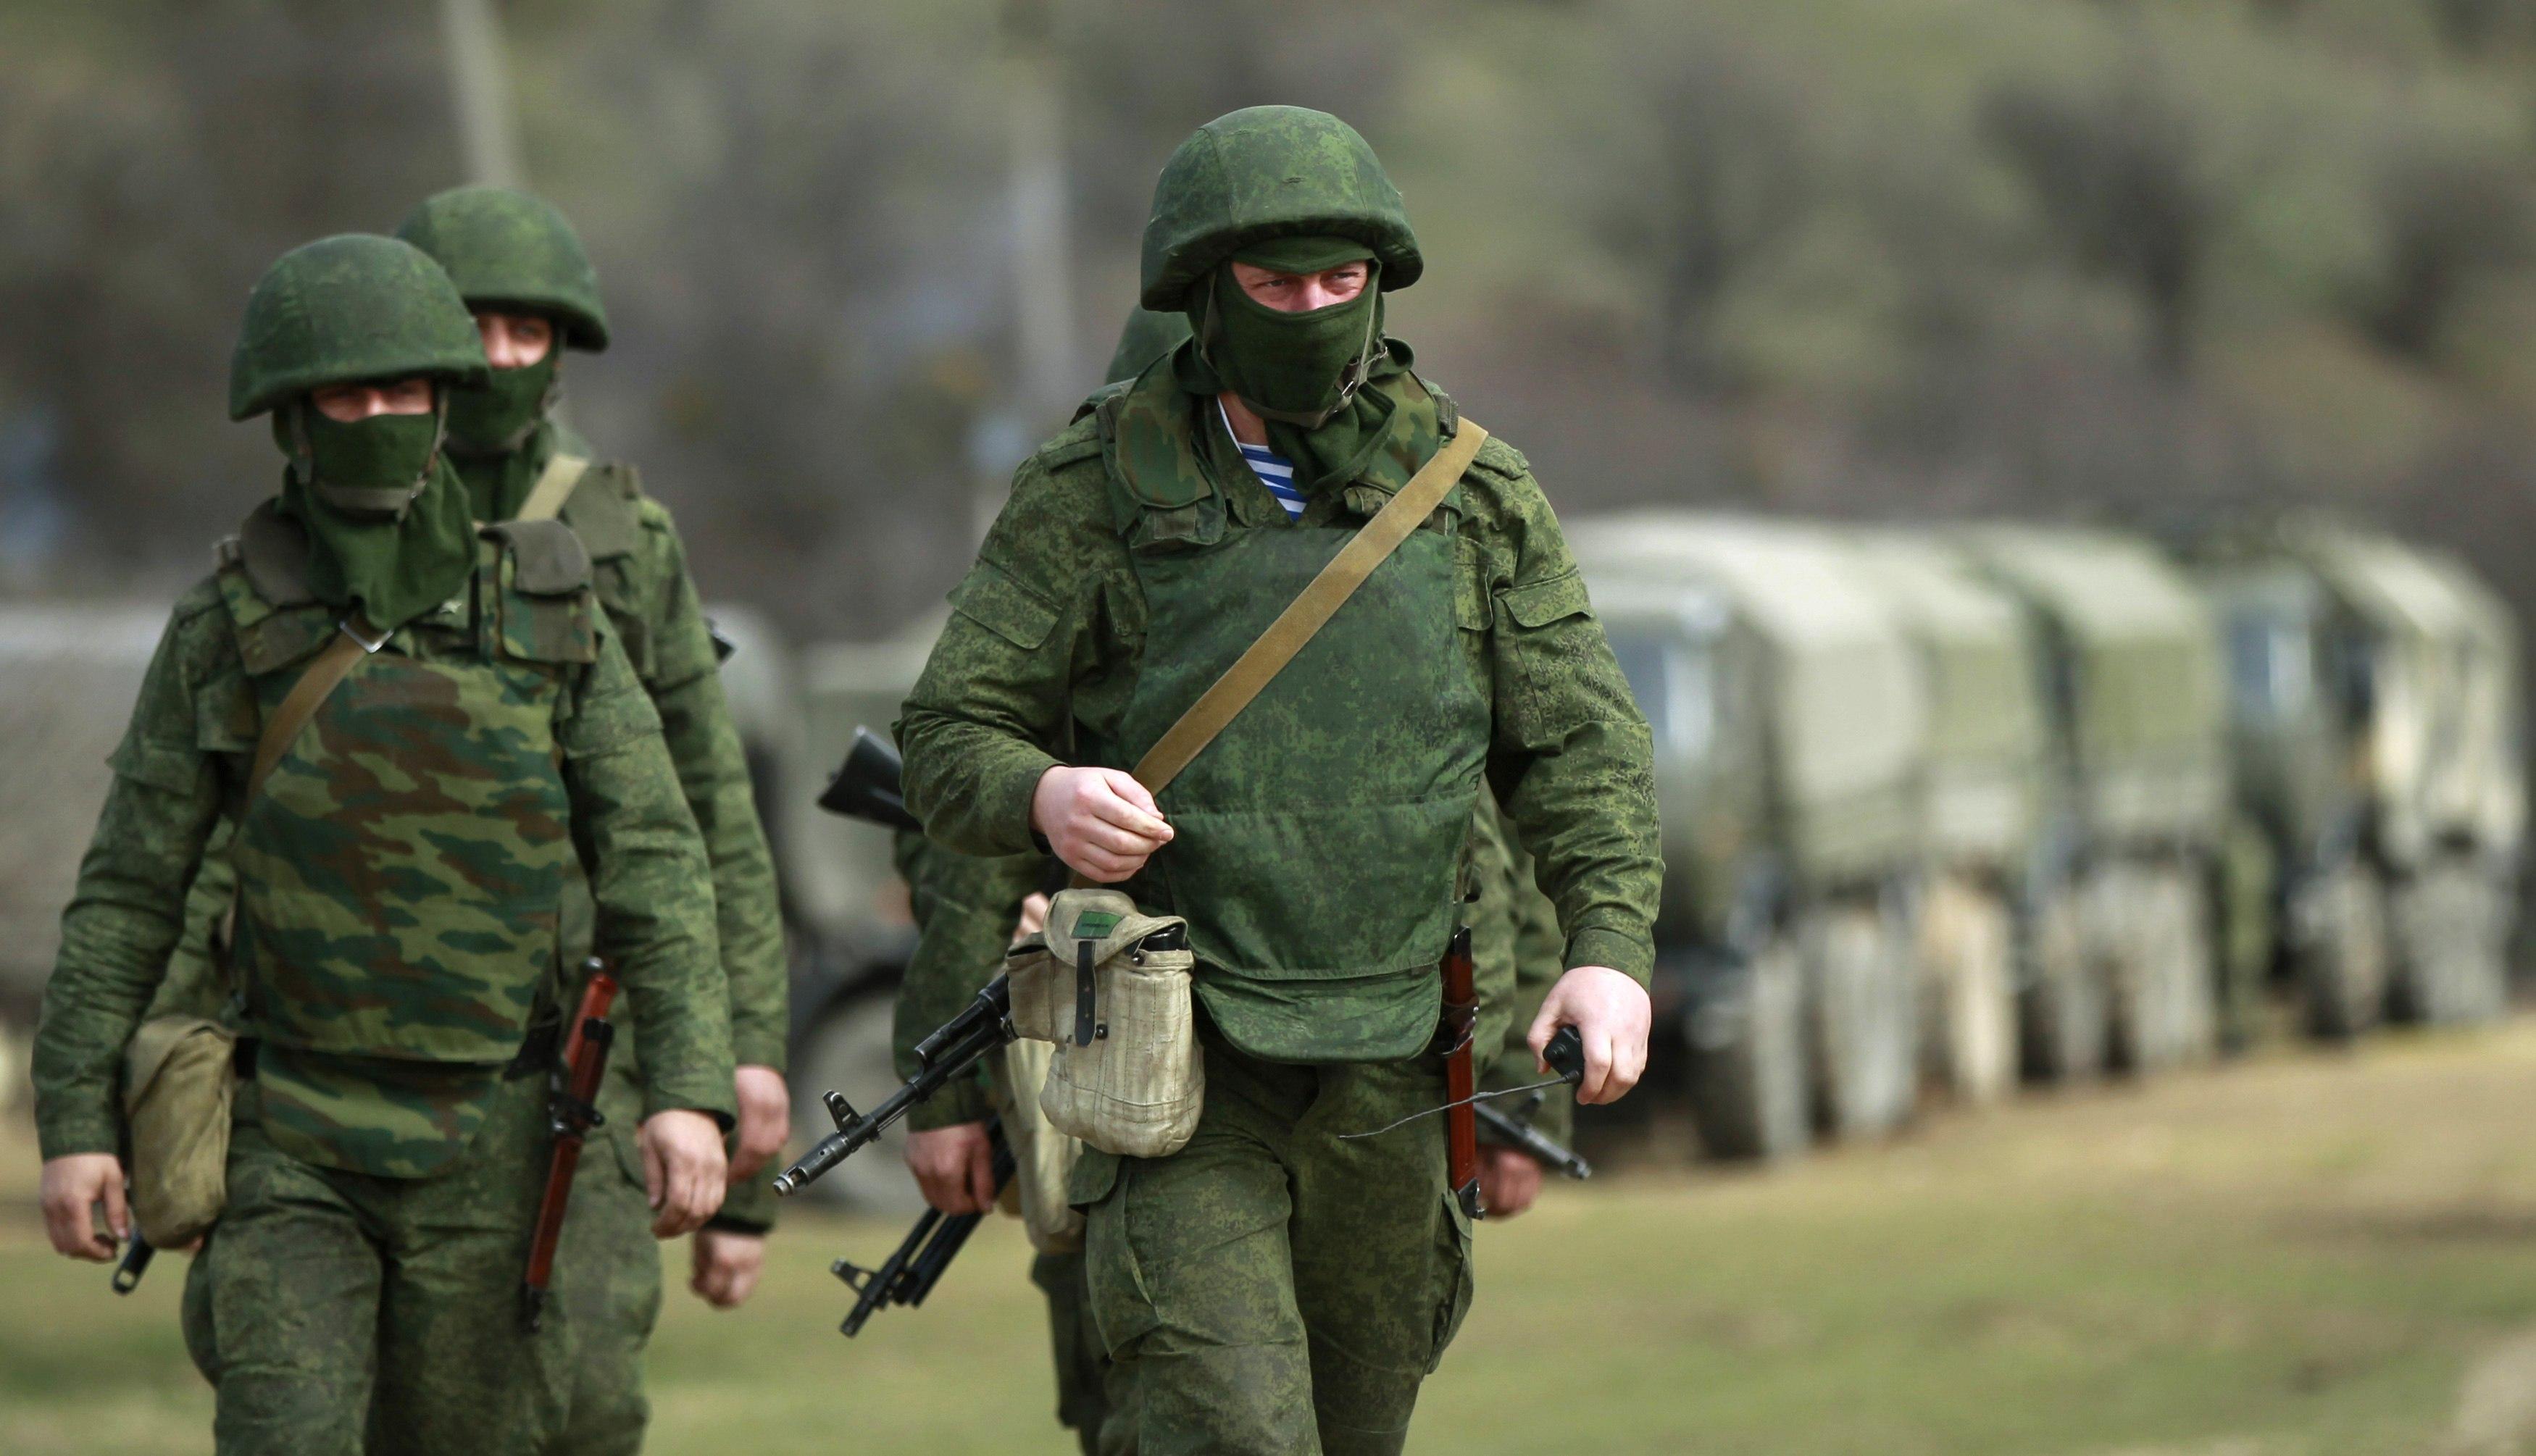 Джанкойский район взят в оцепление: из воинской части Армянска сбежала вооруженная группа дезертиров. Есть убитые и раненые